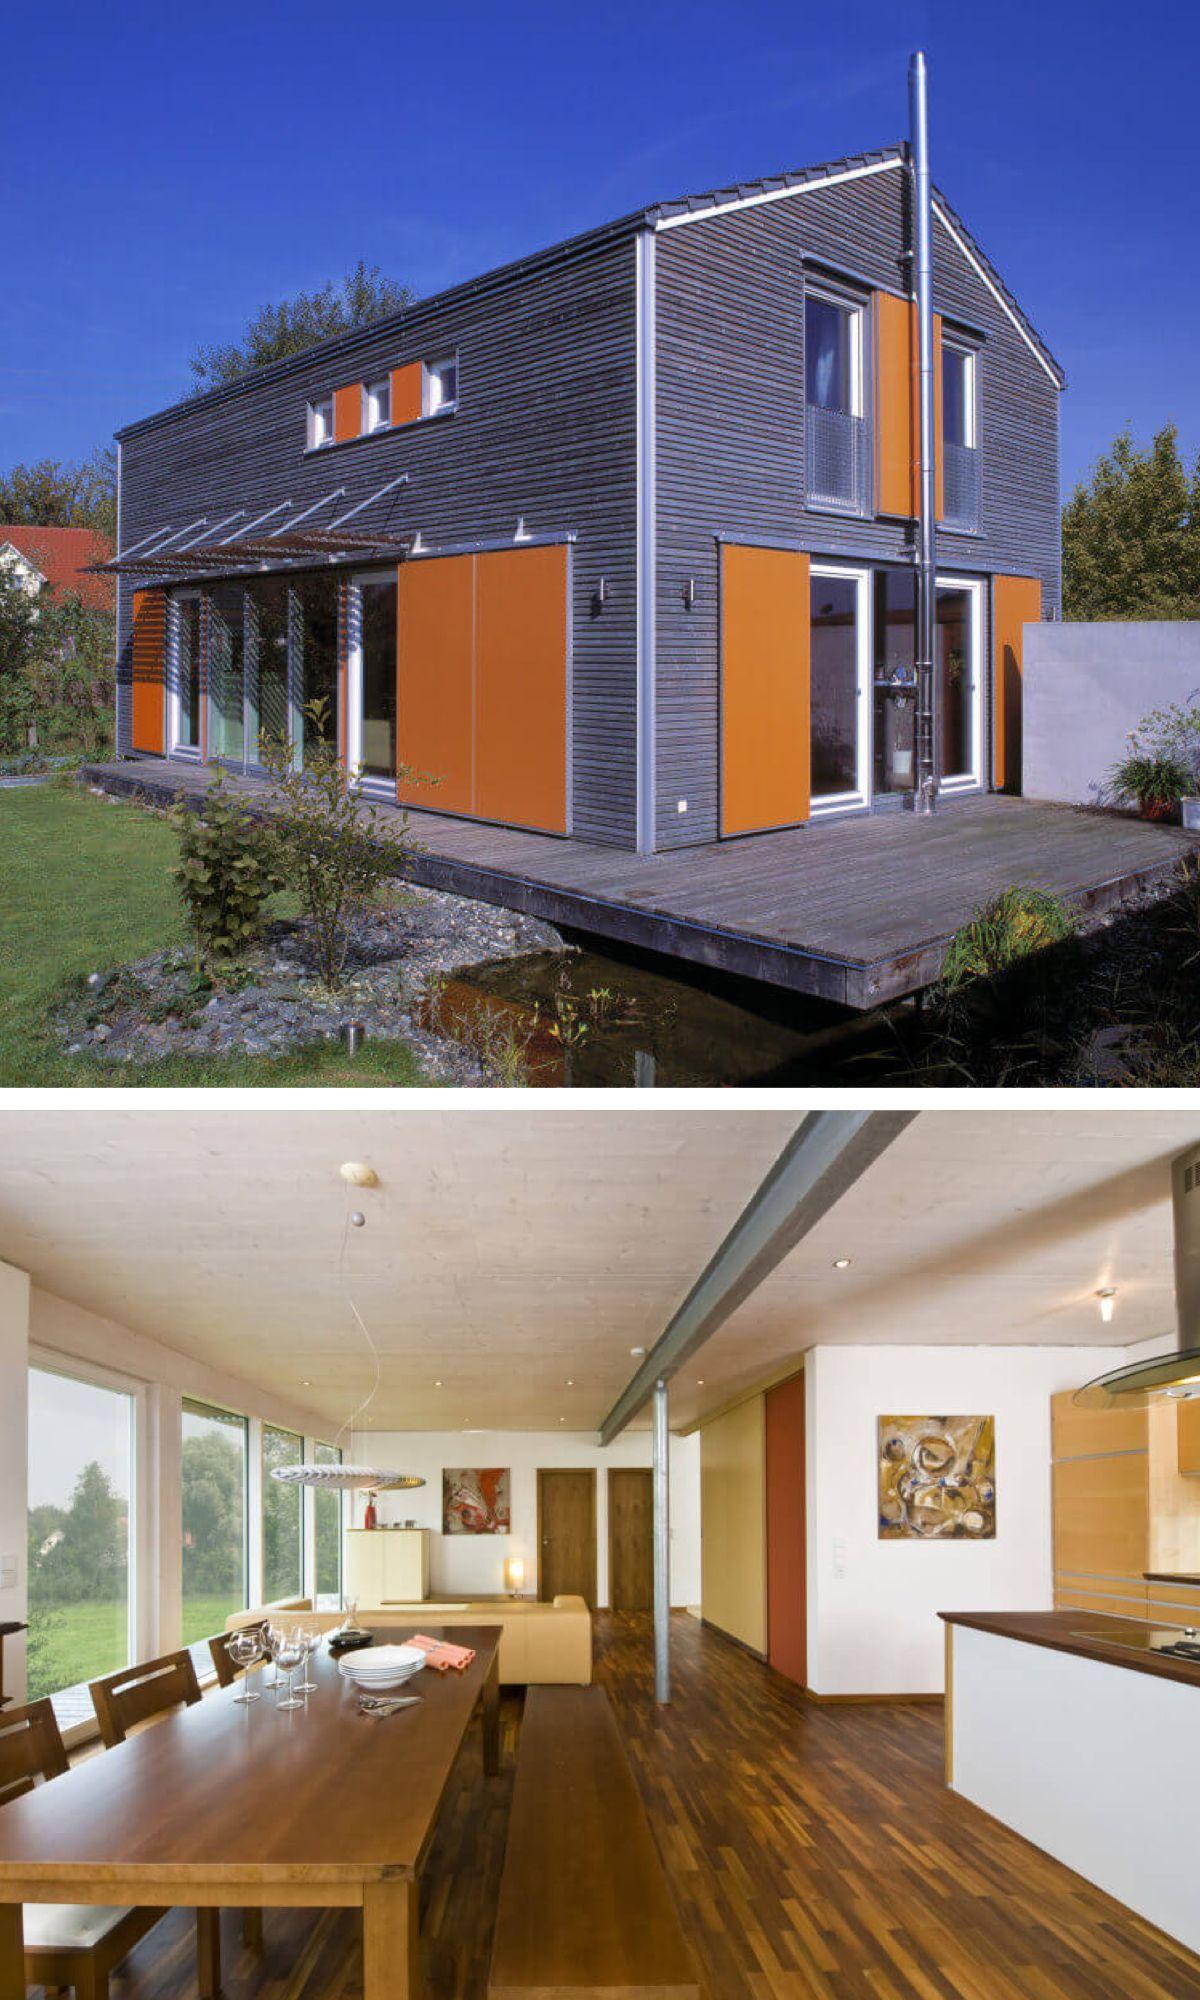 Einfamilienhaus Mit Moderner Giebel Architektur Schiebeläden